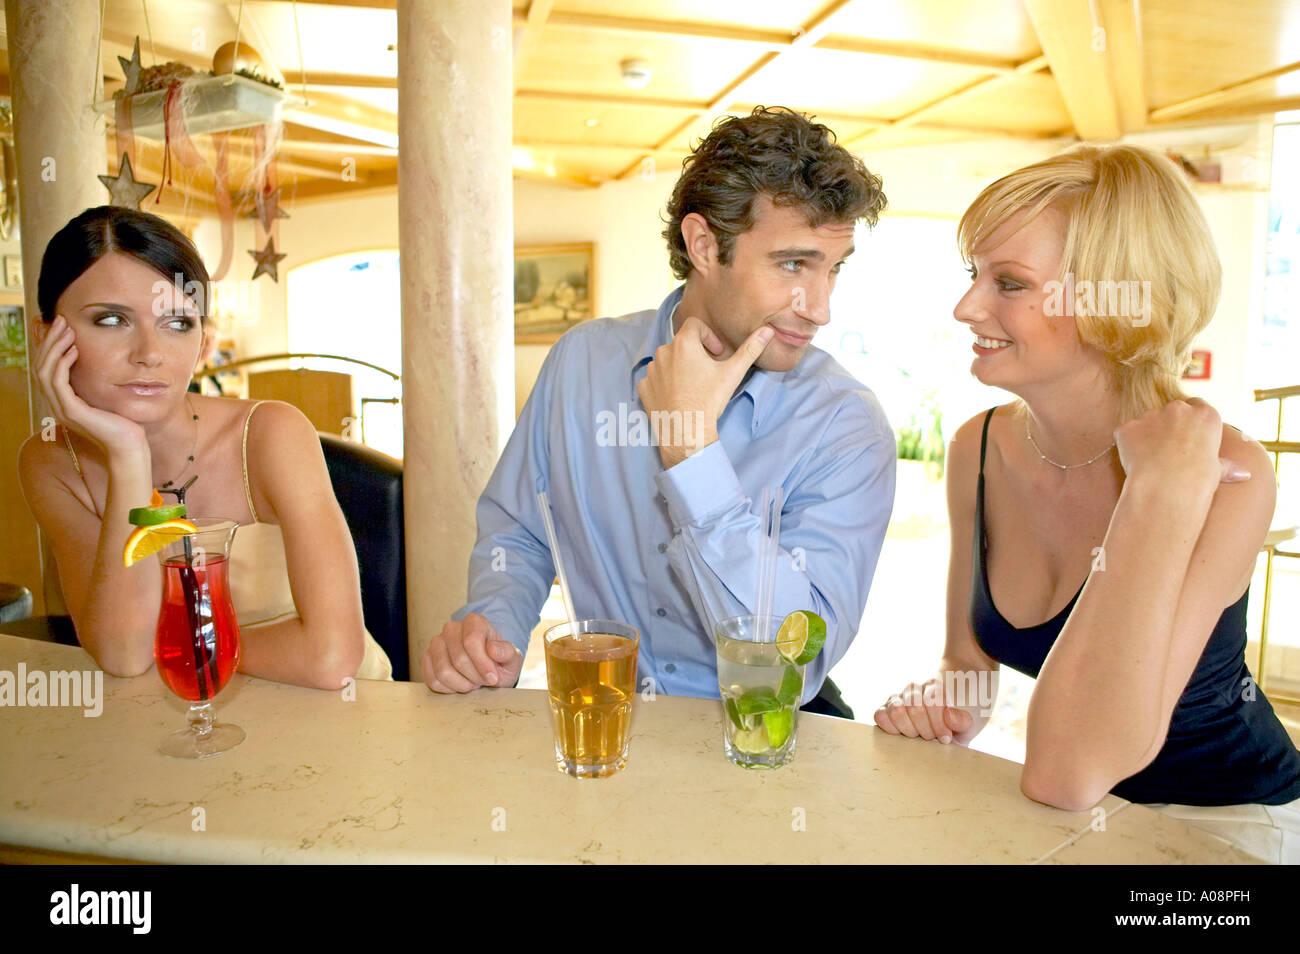 männer mit mann chemnitz single flirten  Pegasys: Startseite.